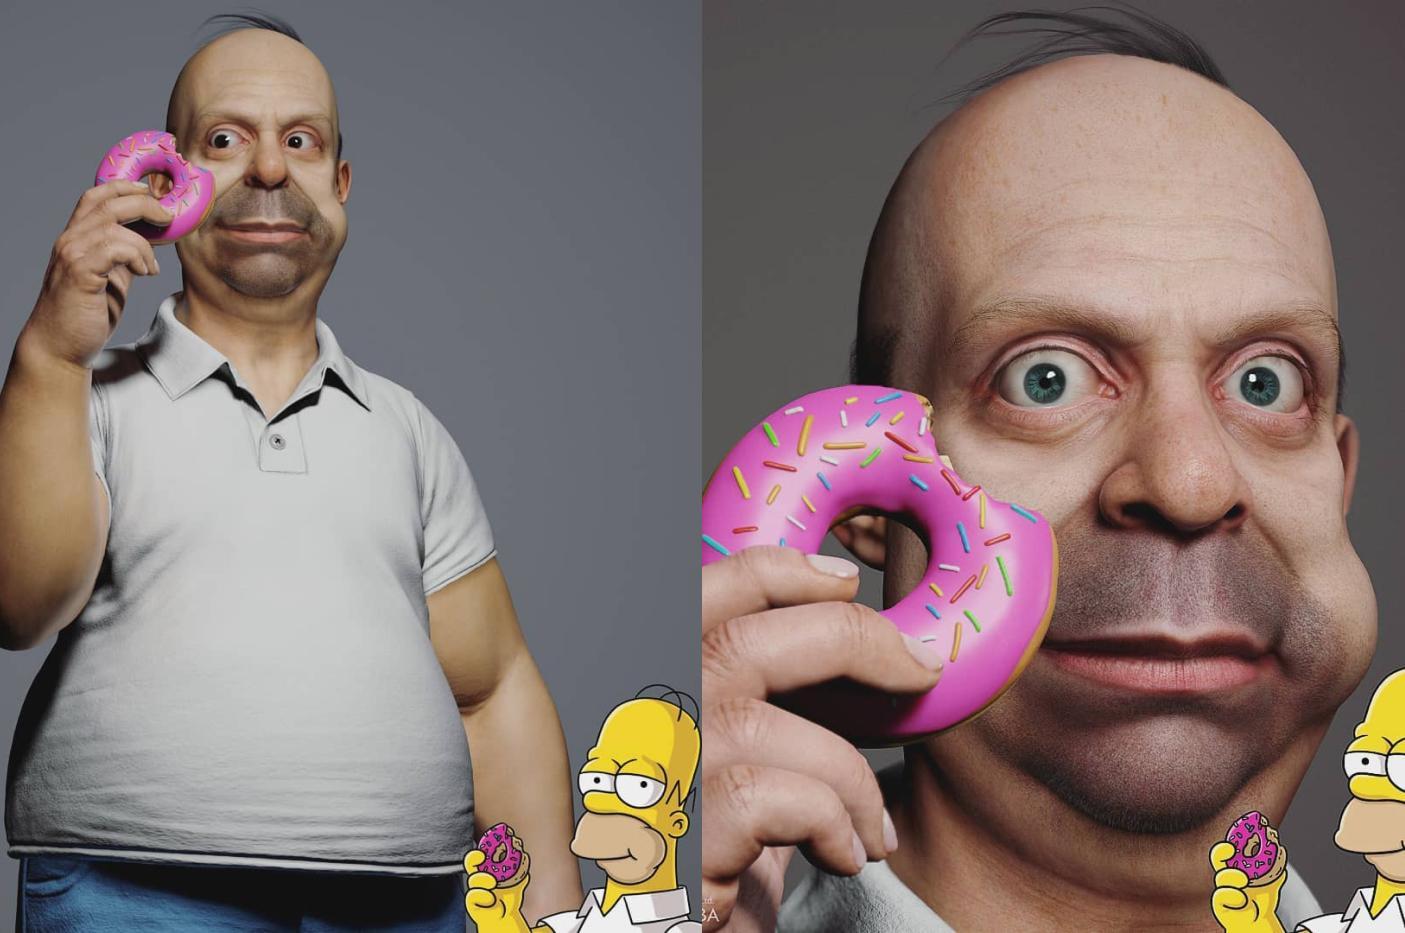 Семью Симпсонов оживили с помощью 3D-моделей 8